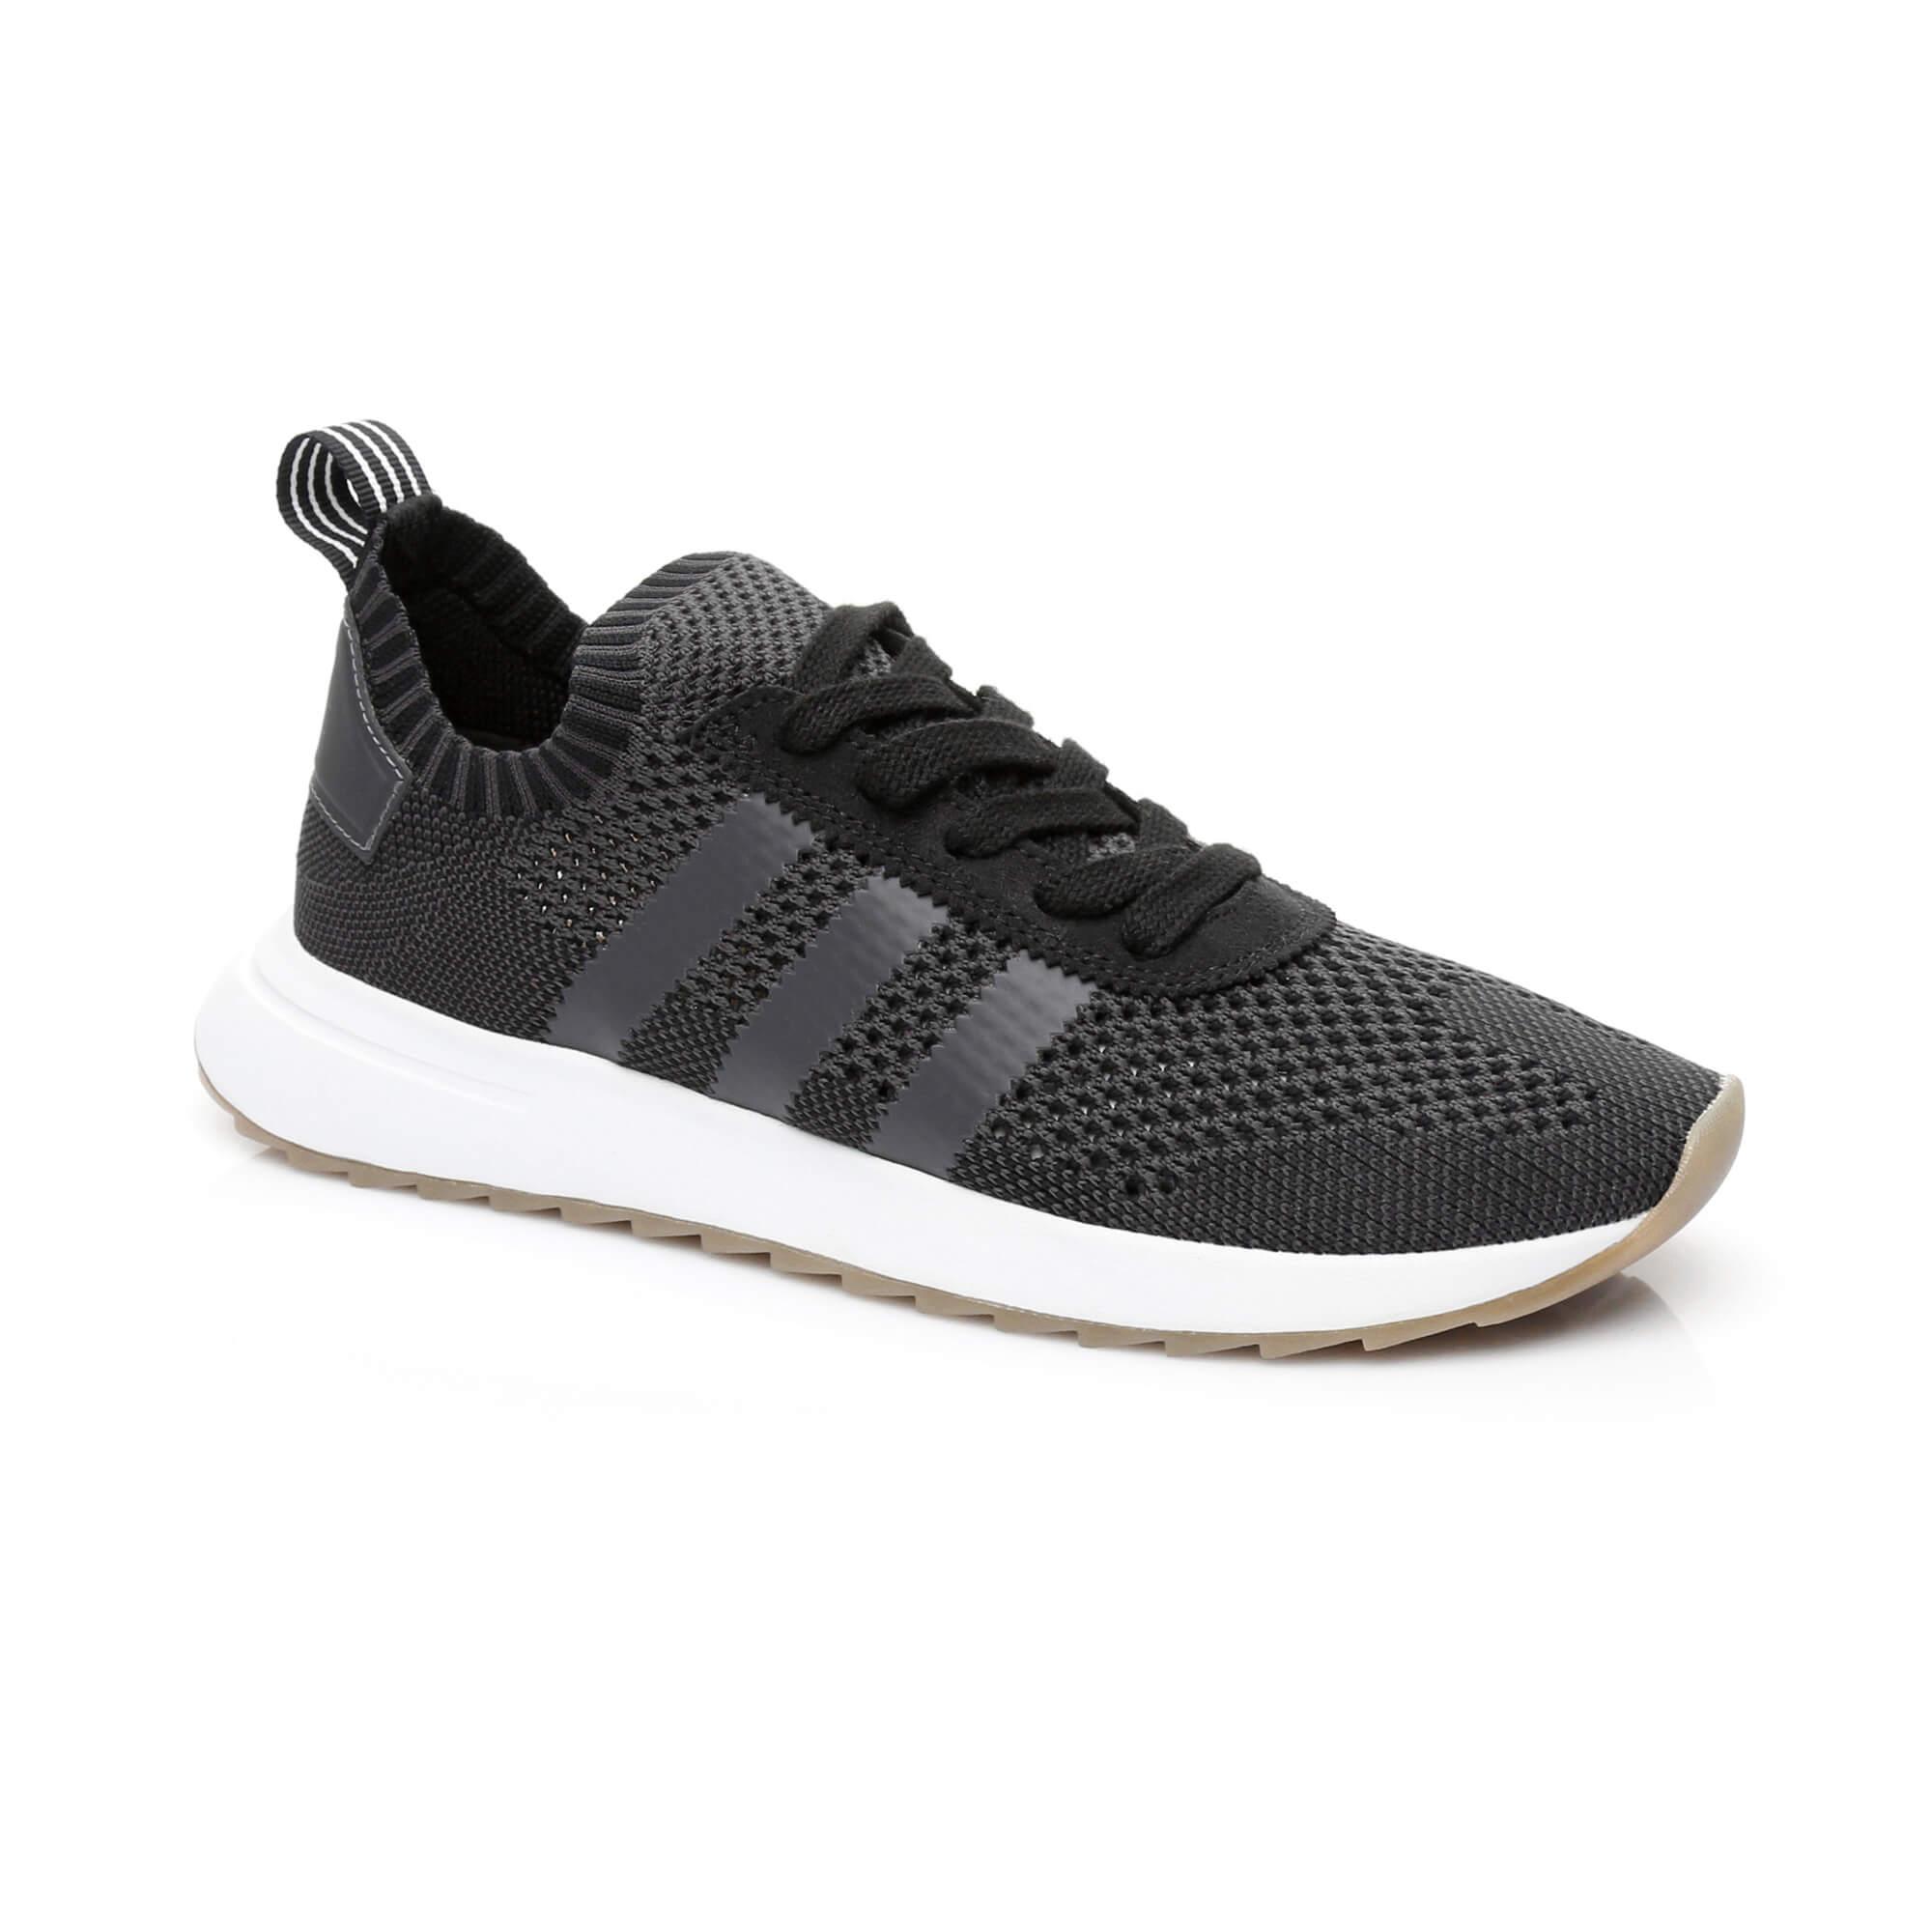 adidas Flb Runner Kadın Siyah Spor Ayakkabı